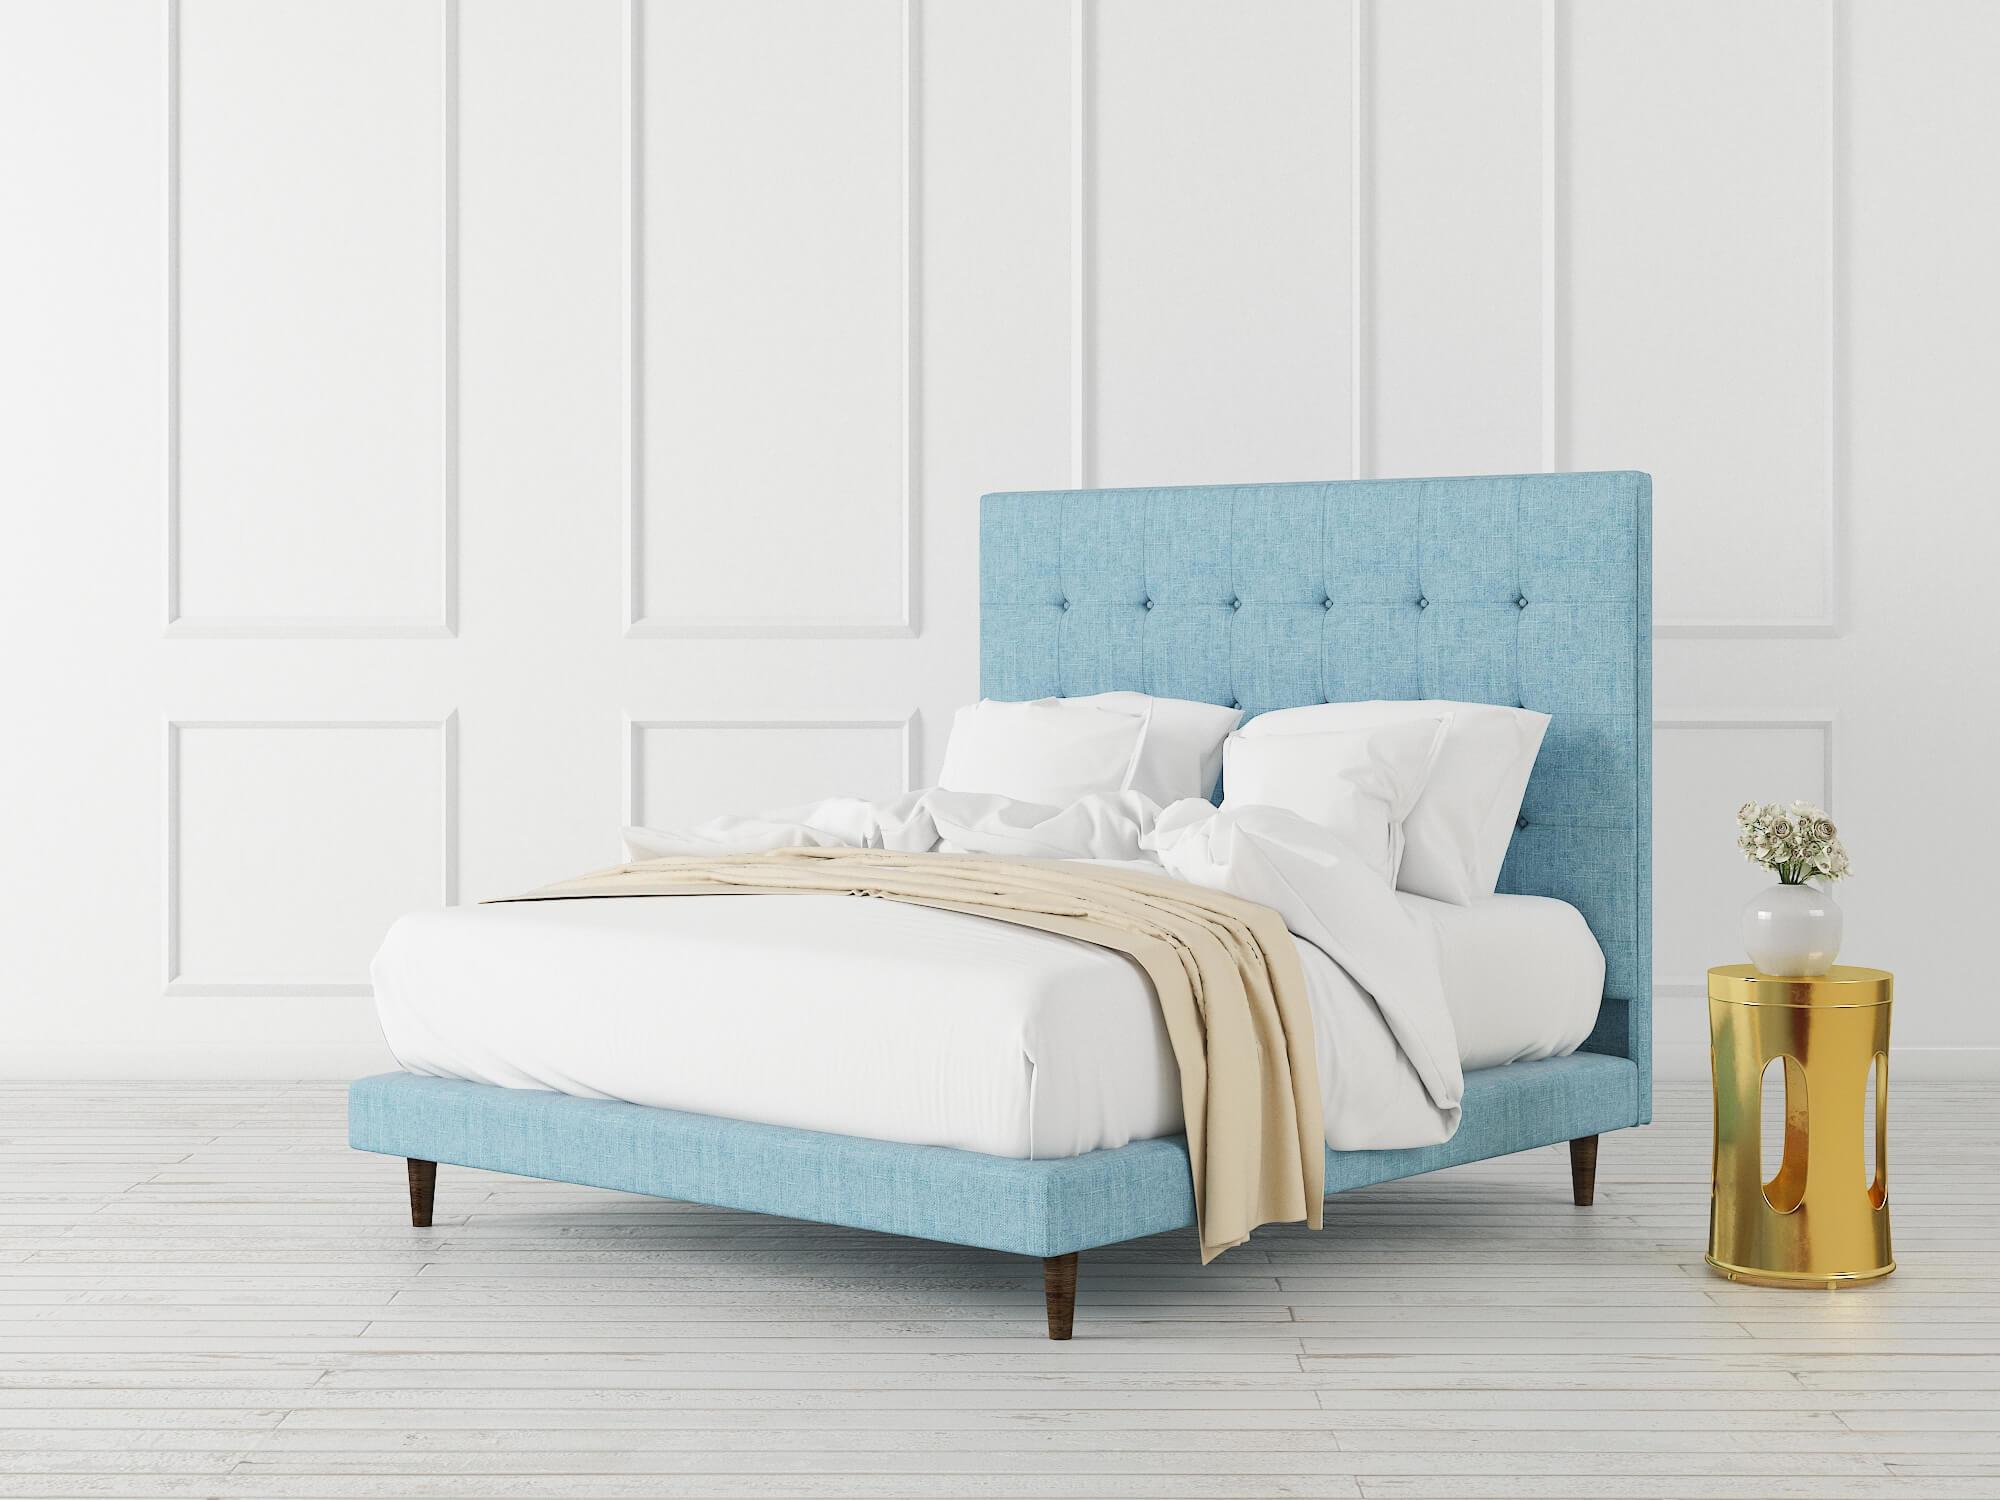 Jolie Bed King Room Background